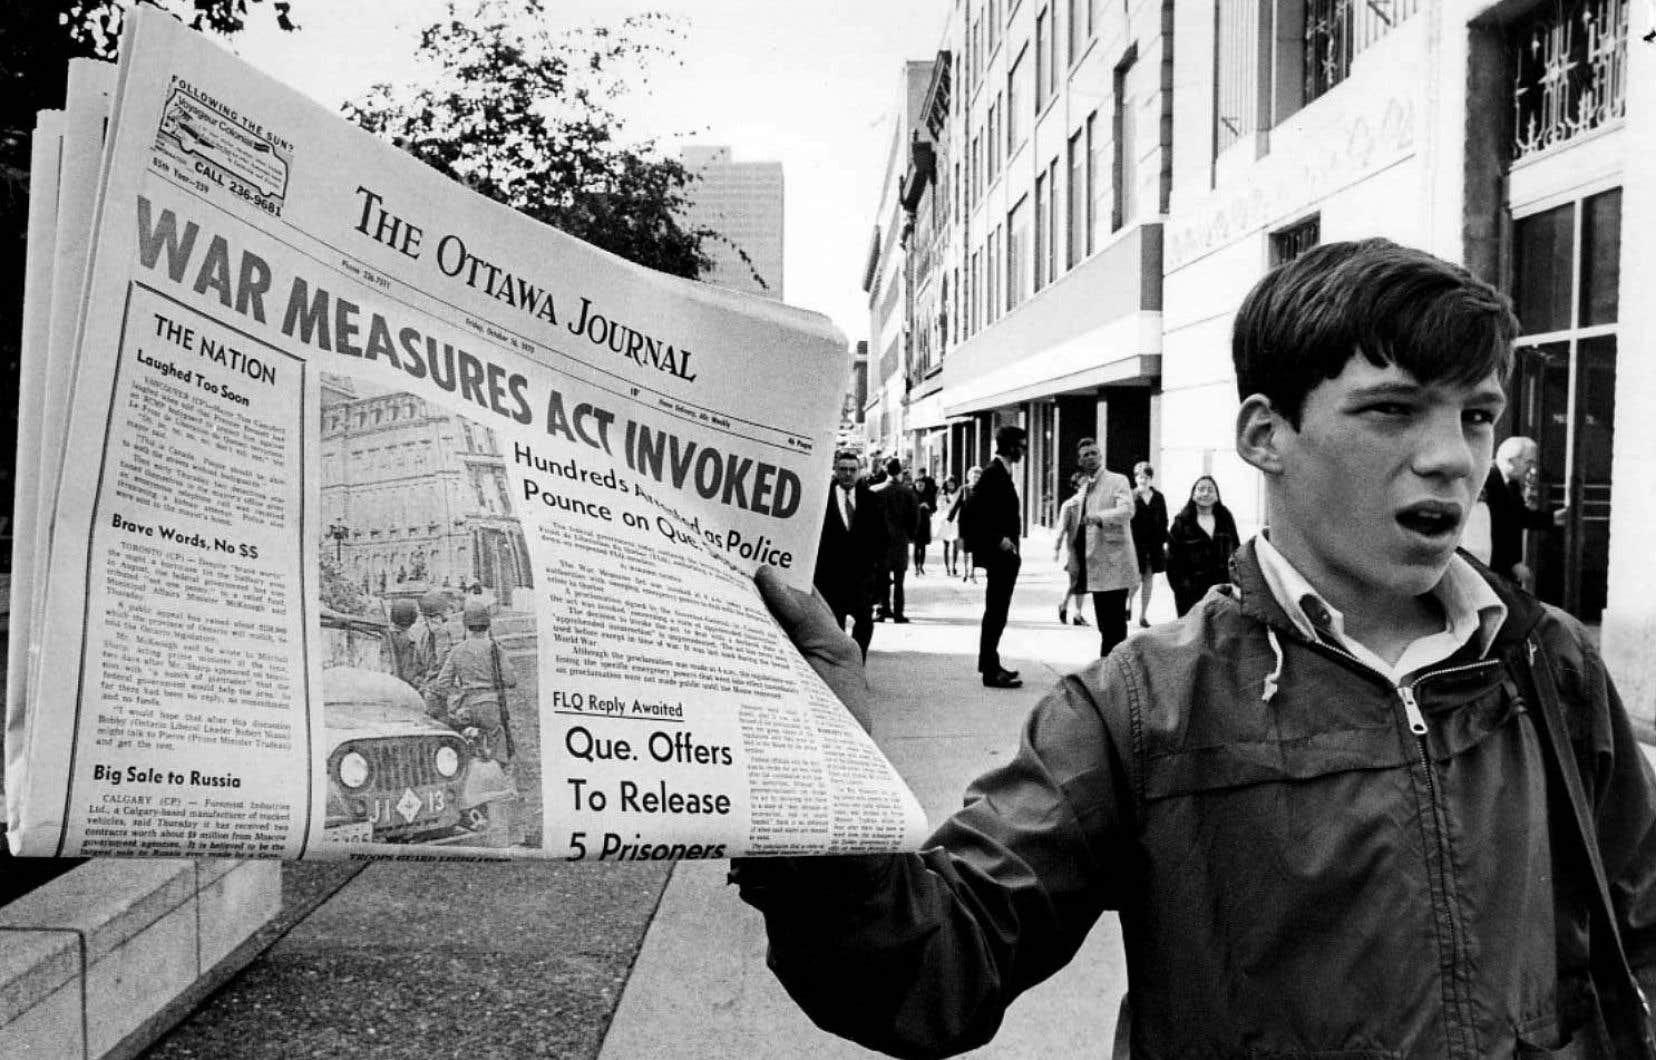 «Si le traitement infligé aux victimes de la rafle d'octobre 1970 est déplorable, les souffrances innommables infligées à MM.Laporte et Cross et à leur famille ne trouvent aucune justification», pense l'auteur.